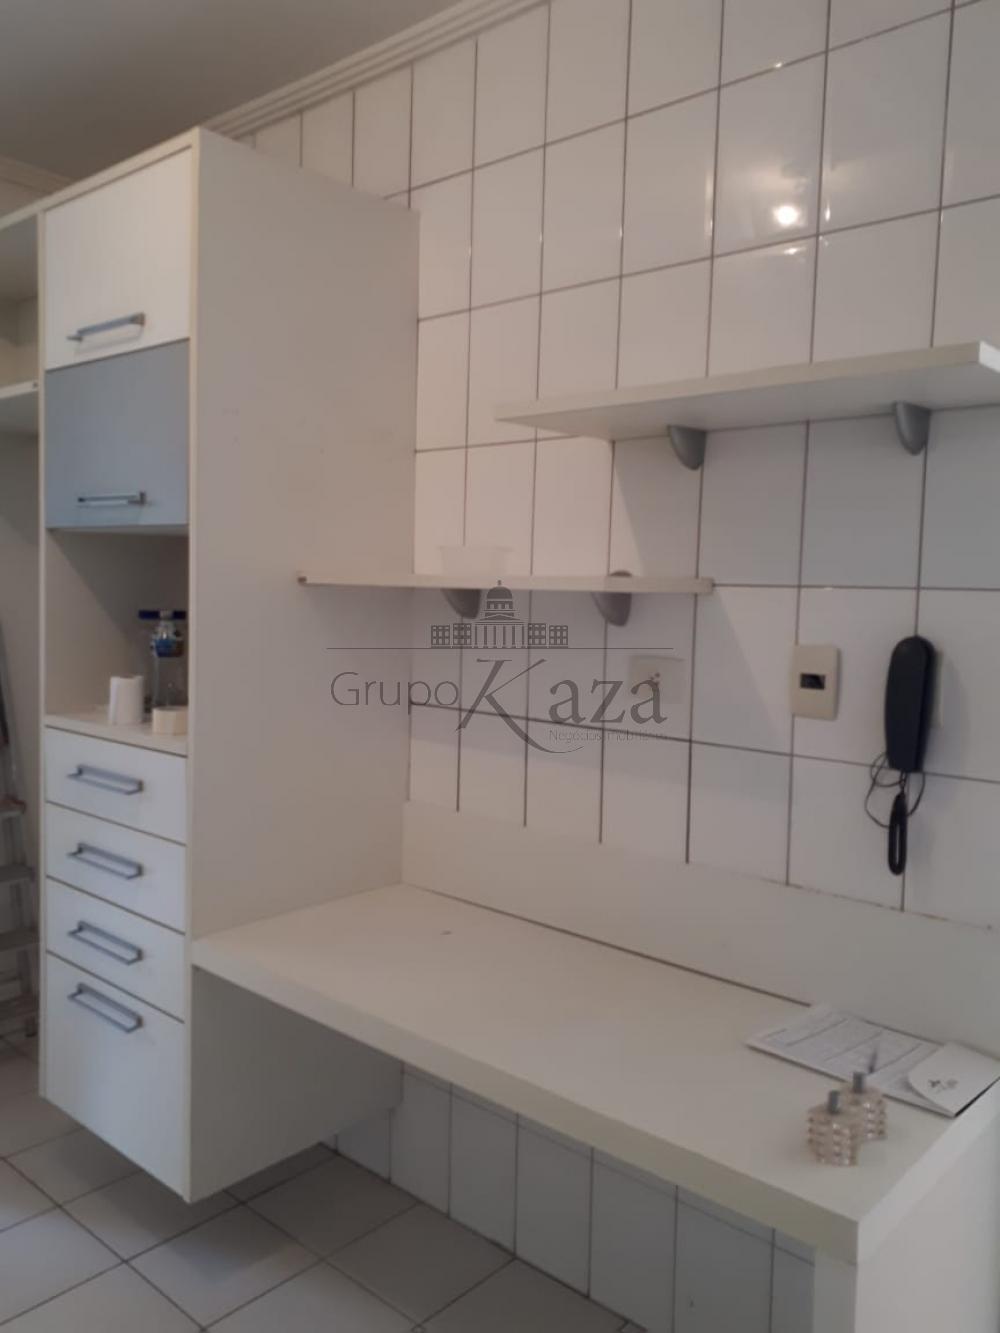 Alugar Apartamento / Padrão em São José dos Campos R$ 2.650,00 - Foto 6